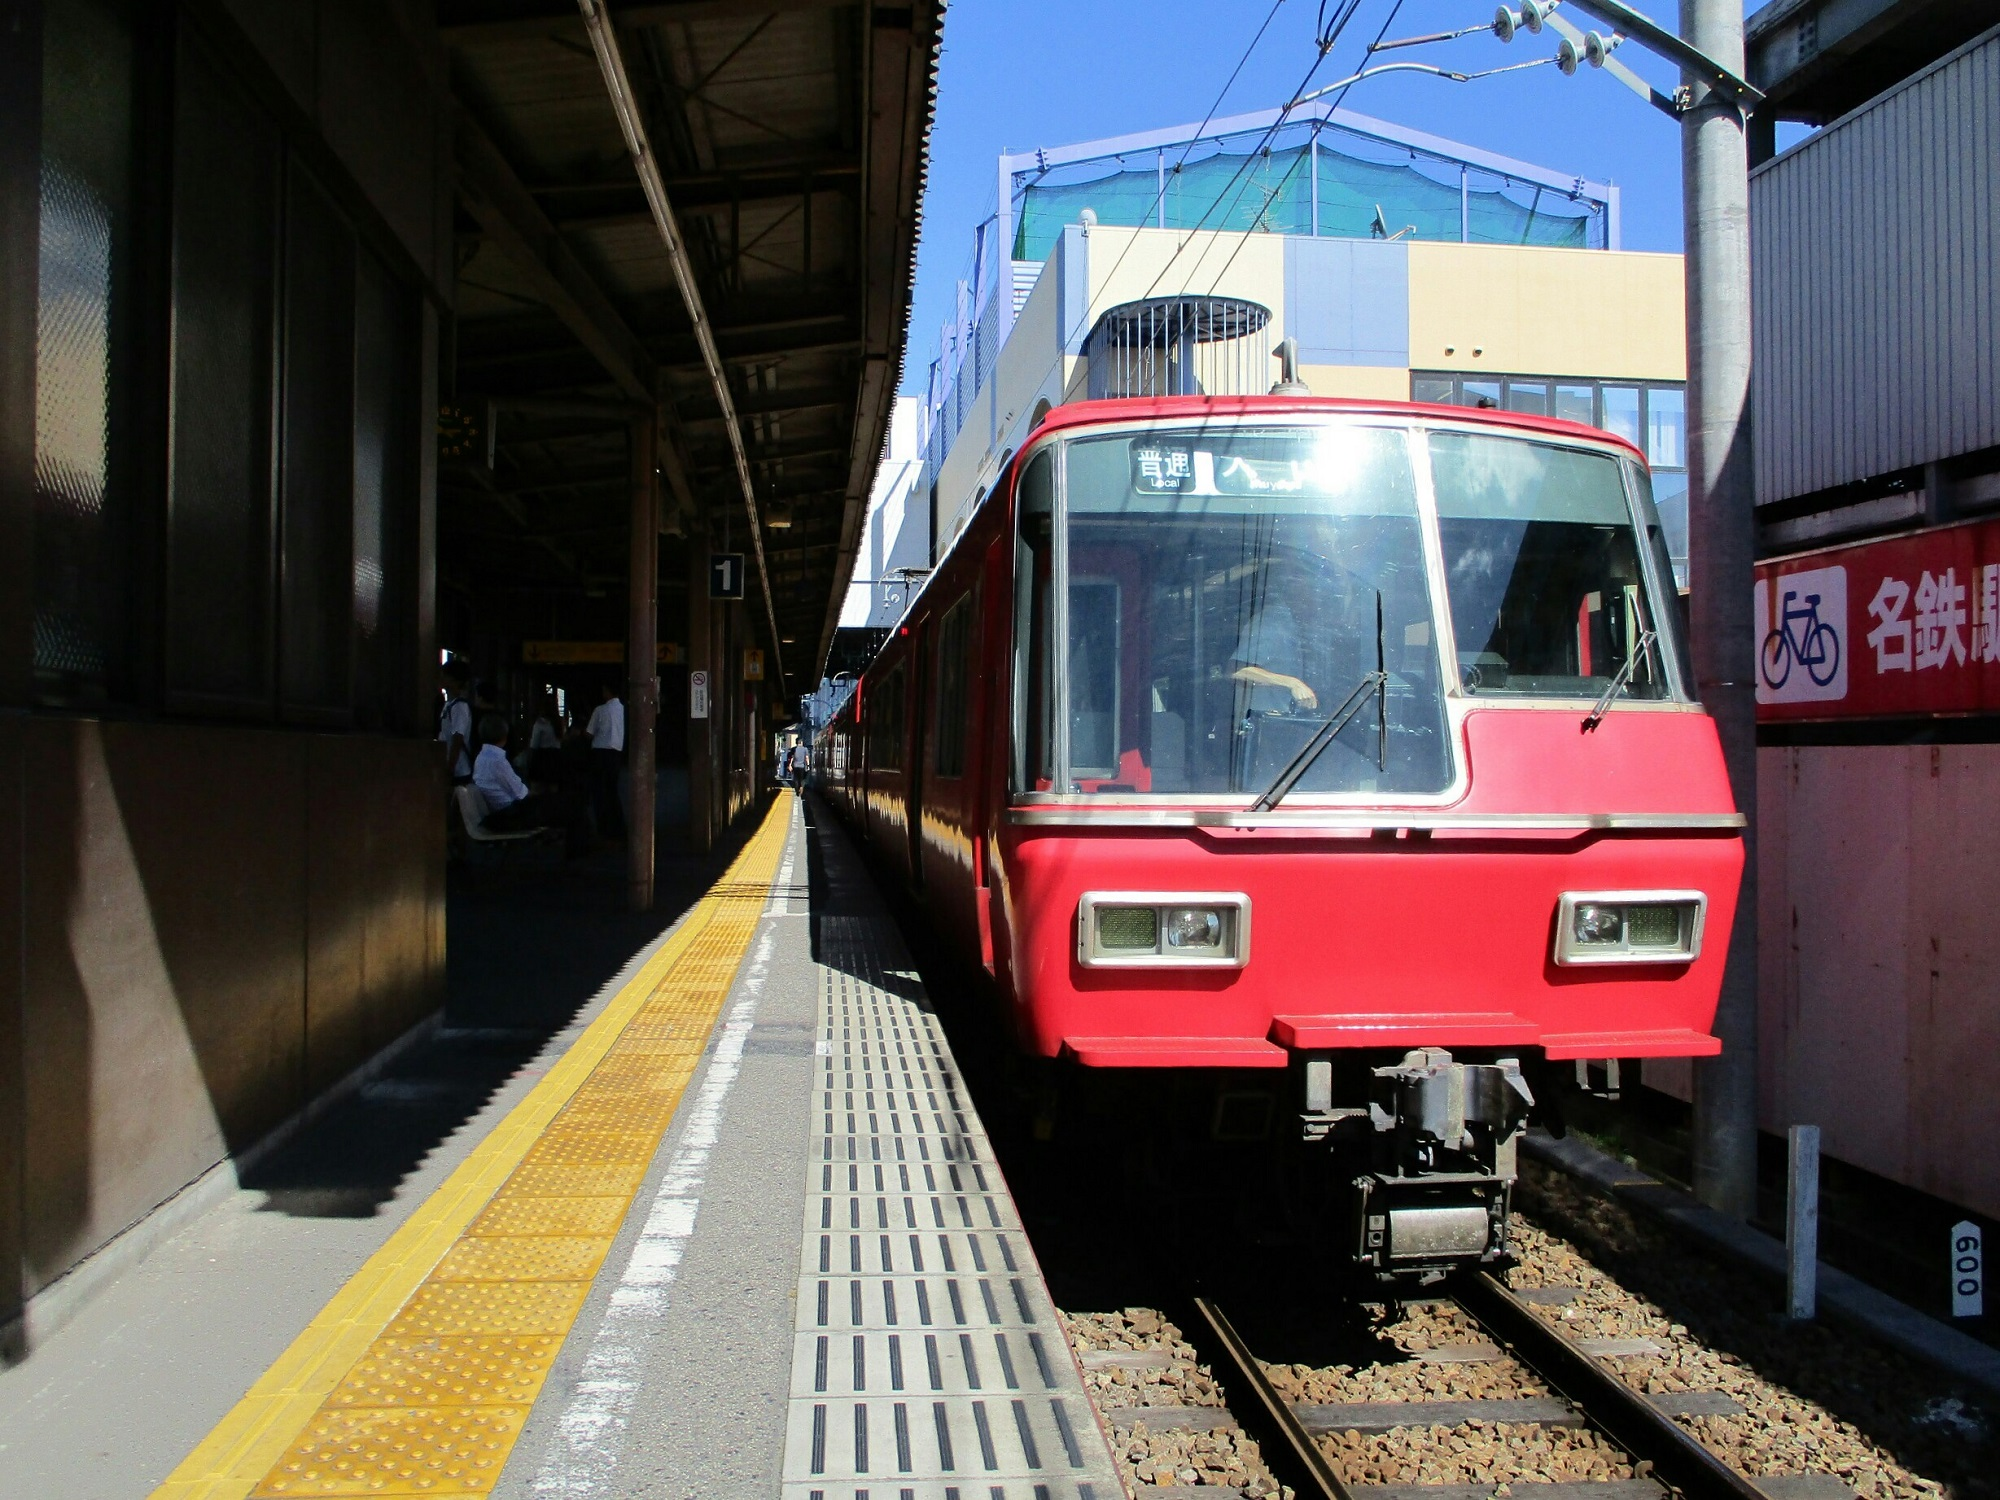 2018.6.12 (16) 東岡崎 - 犬山いきふつう 2000-1500